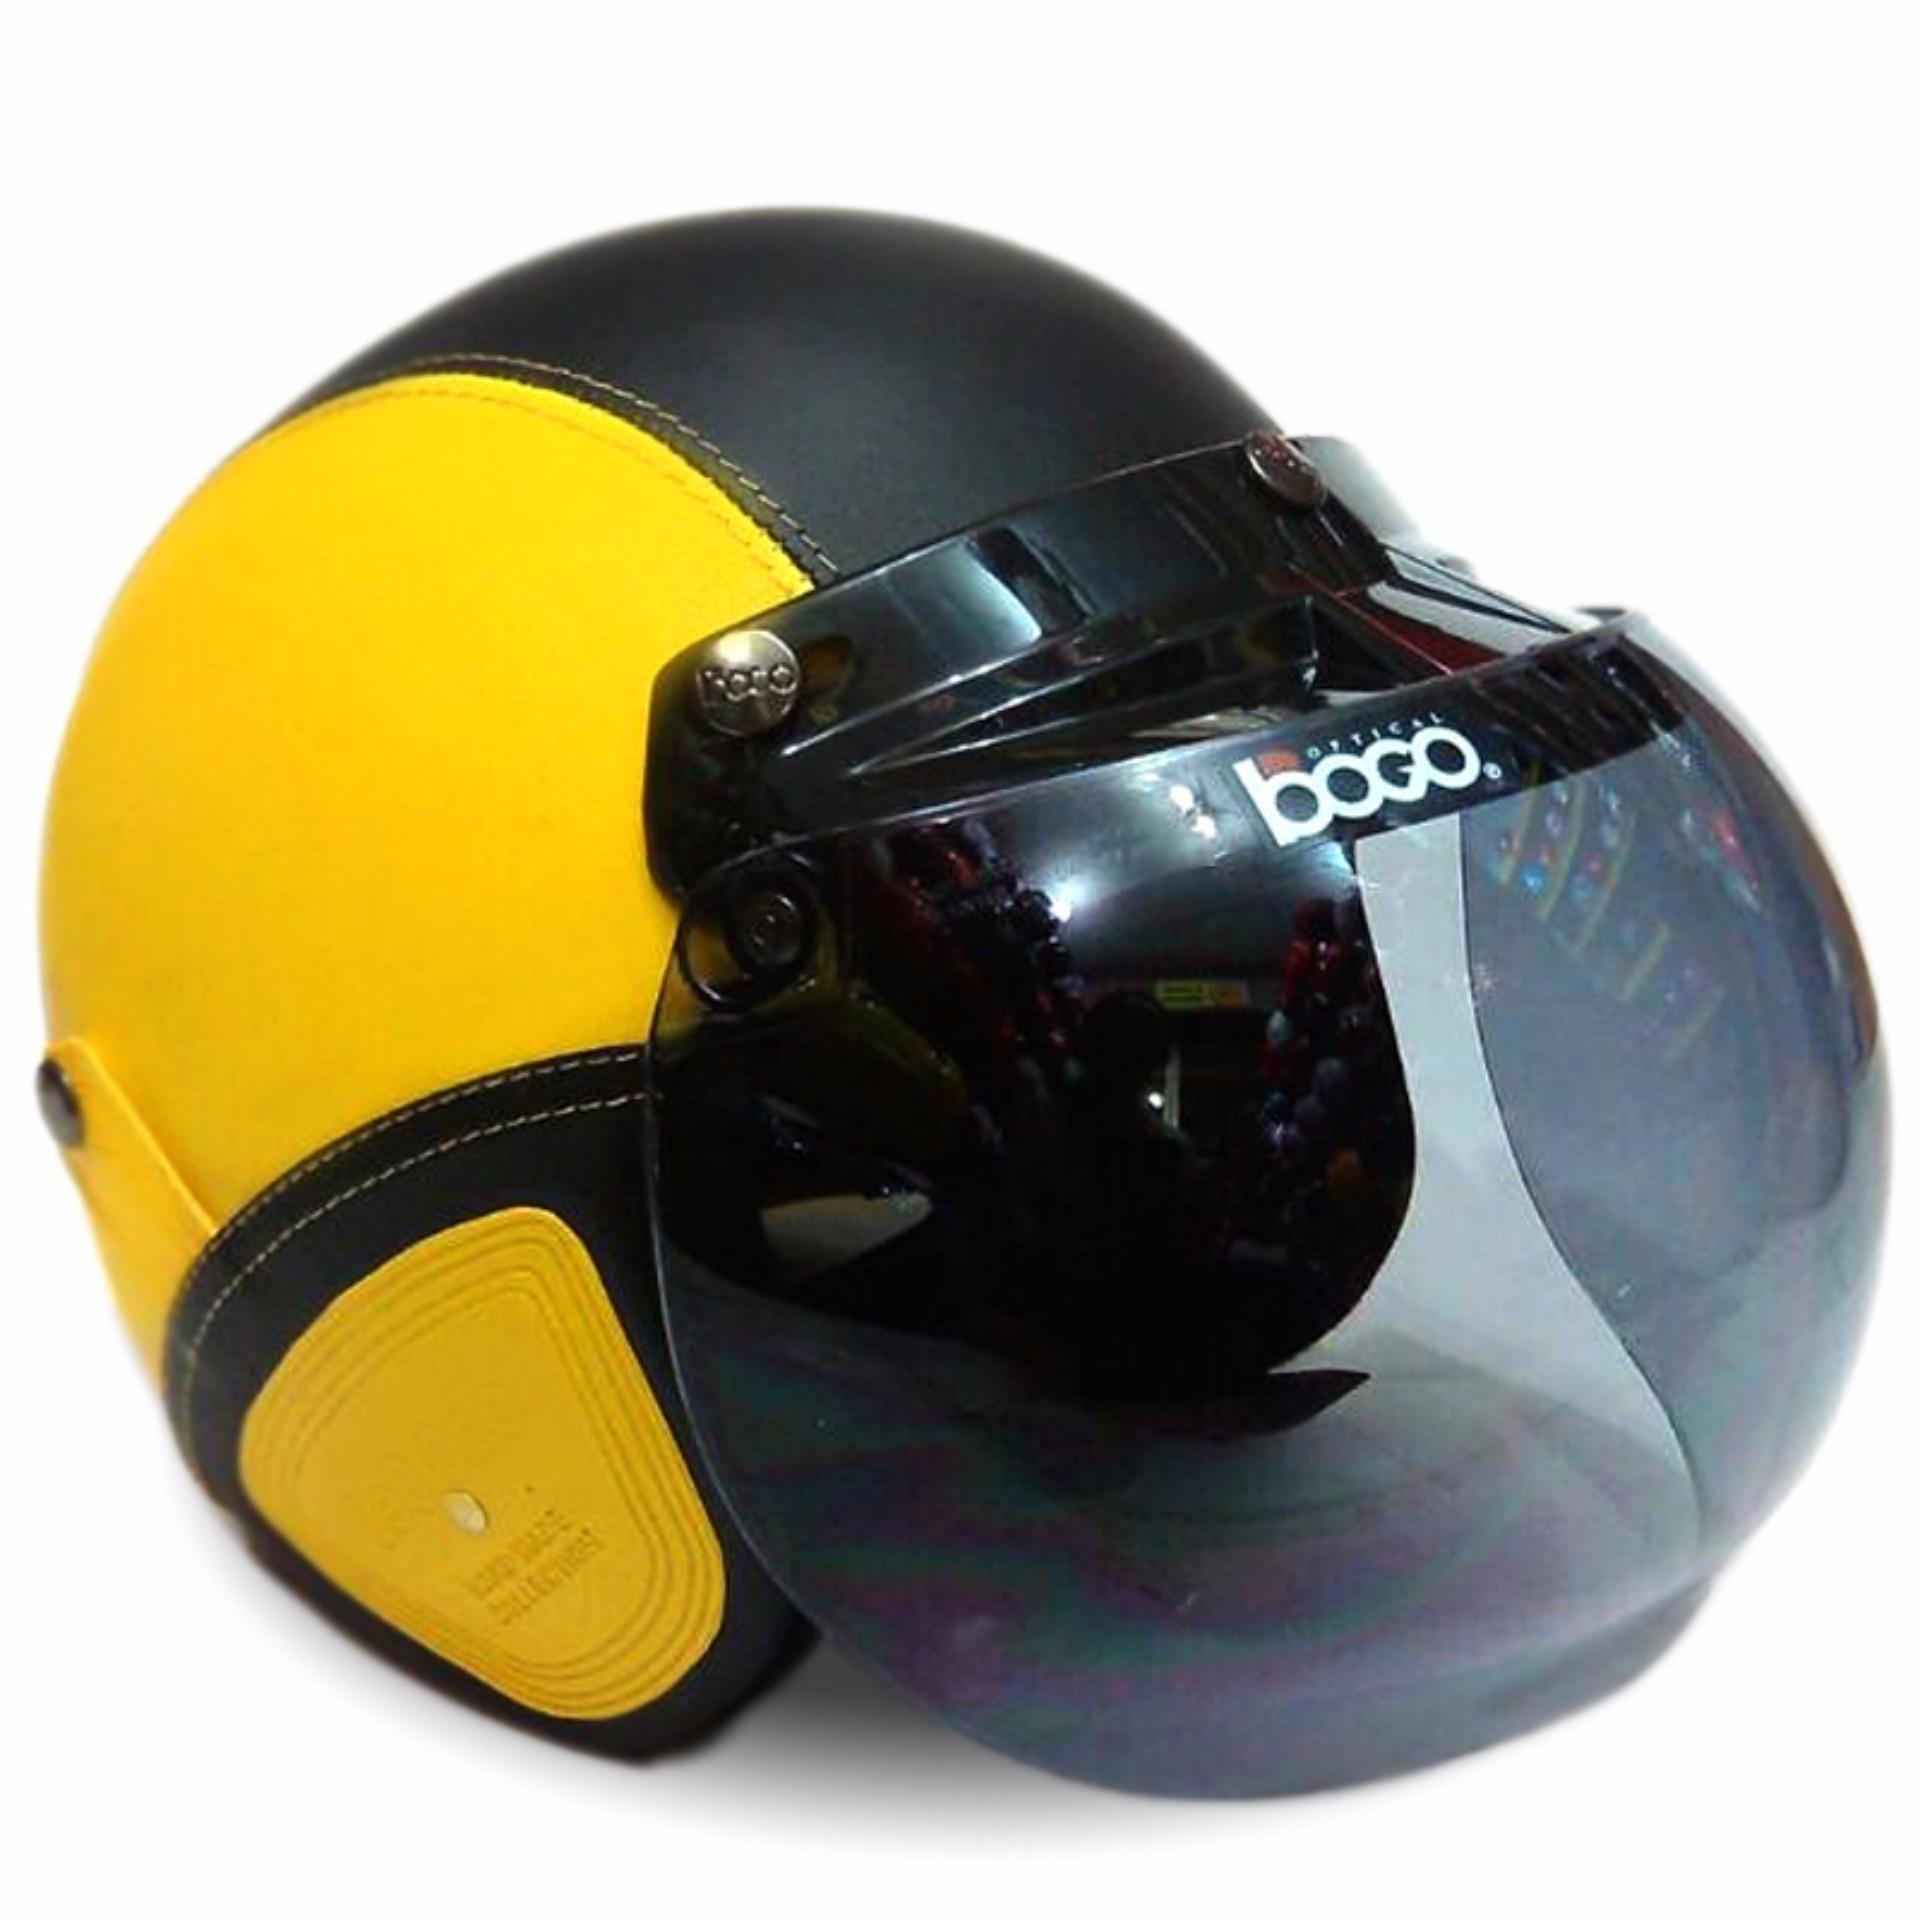 helm bogo retro full synthetic leather dewasa remaja kaca bogo original kuninghitam 6938 59567835 df0c26d8c546792281d58fda48fbc219